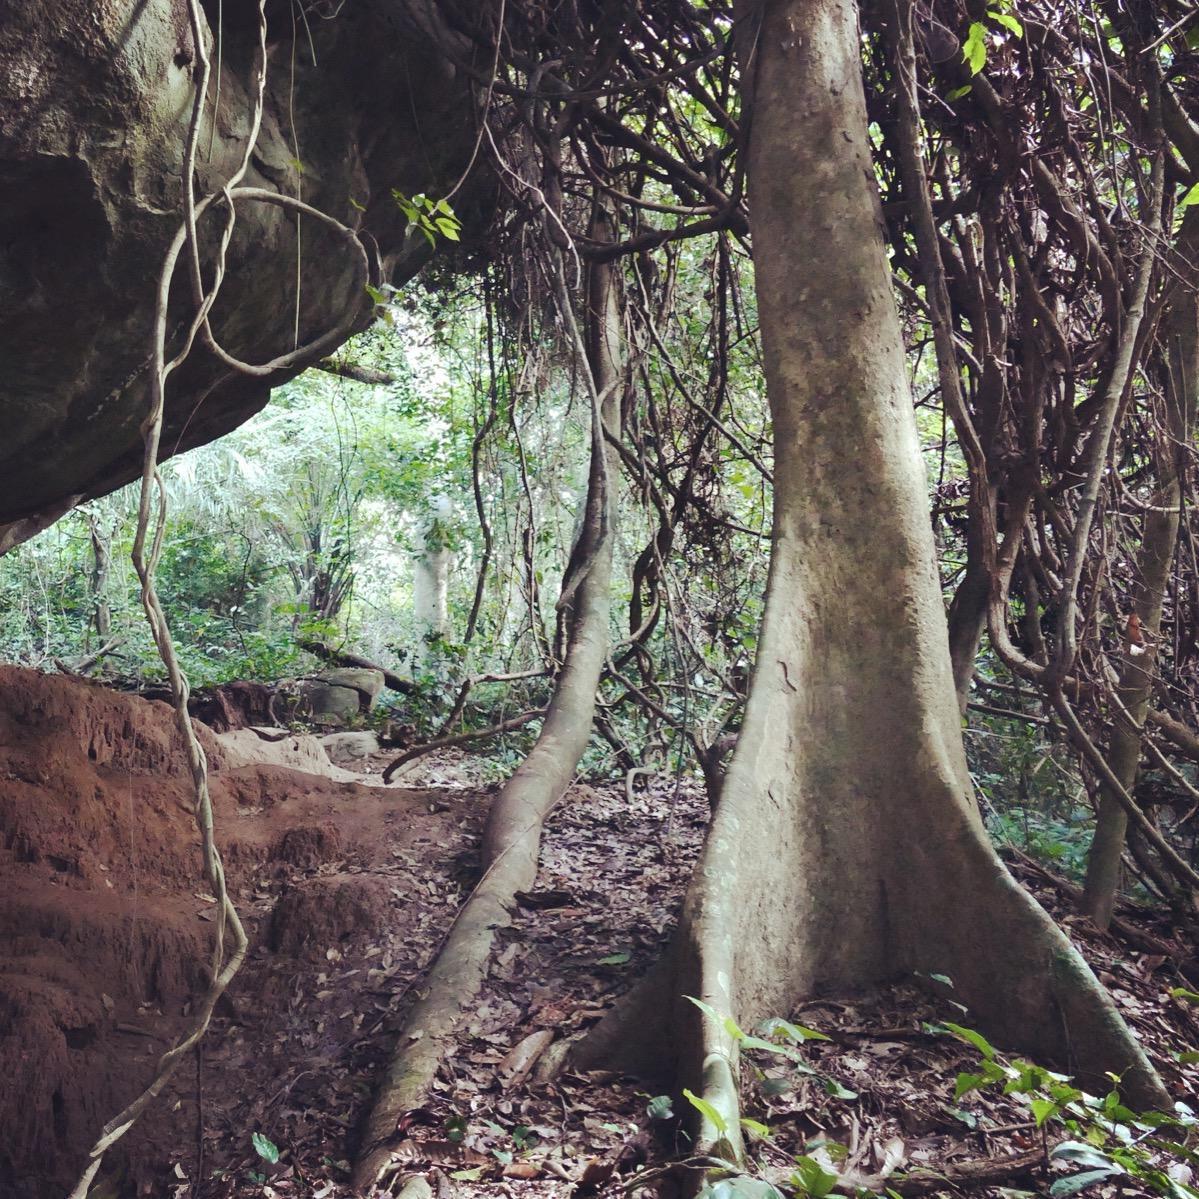 The Yellow-headed Picathartes cave near dusk. Noah Strycker